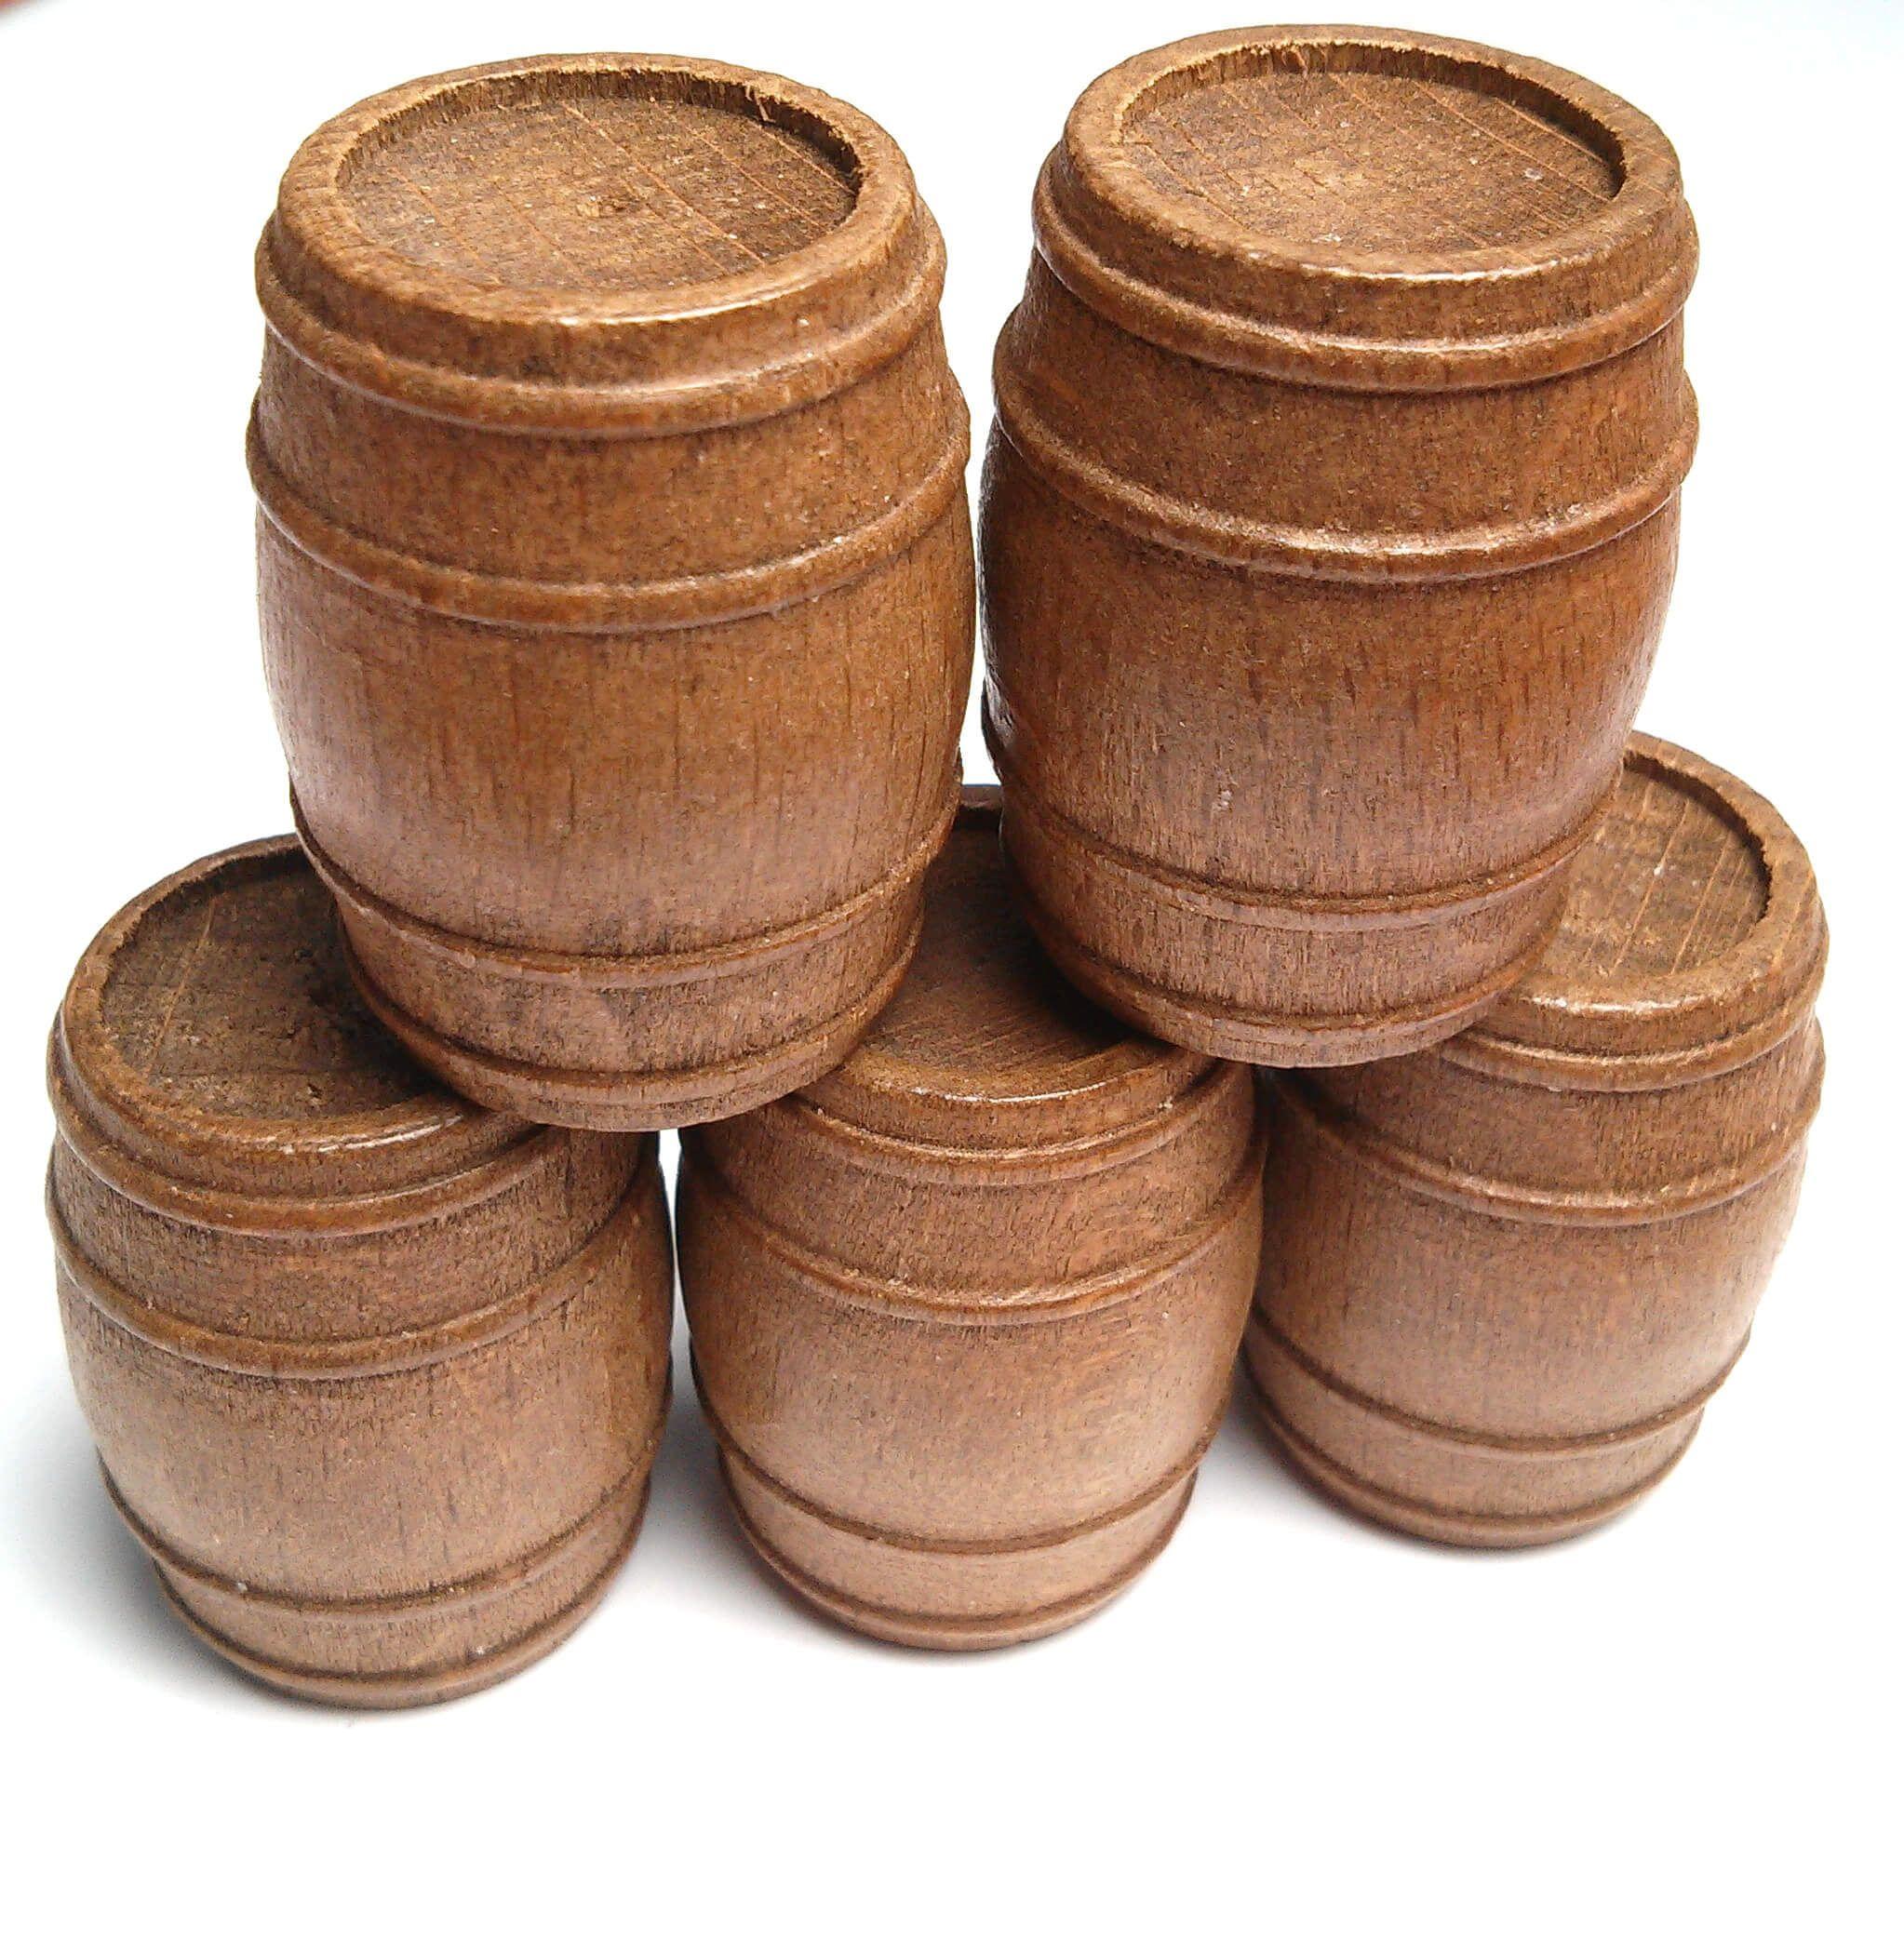 Walnut Barrels (5's)